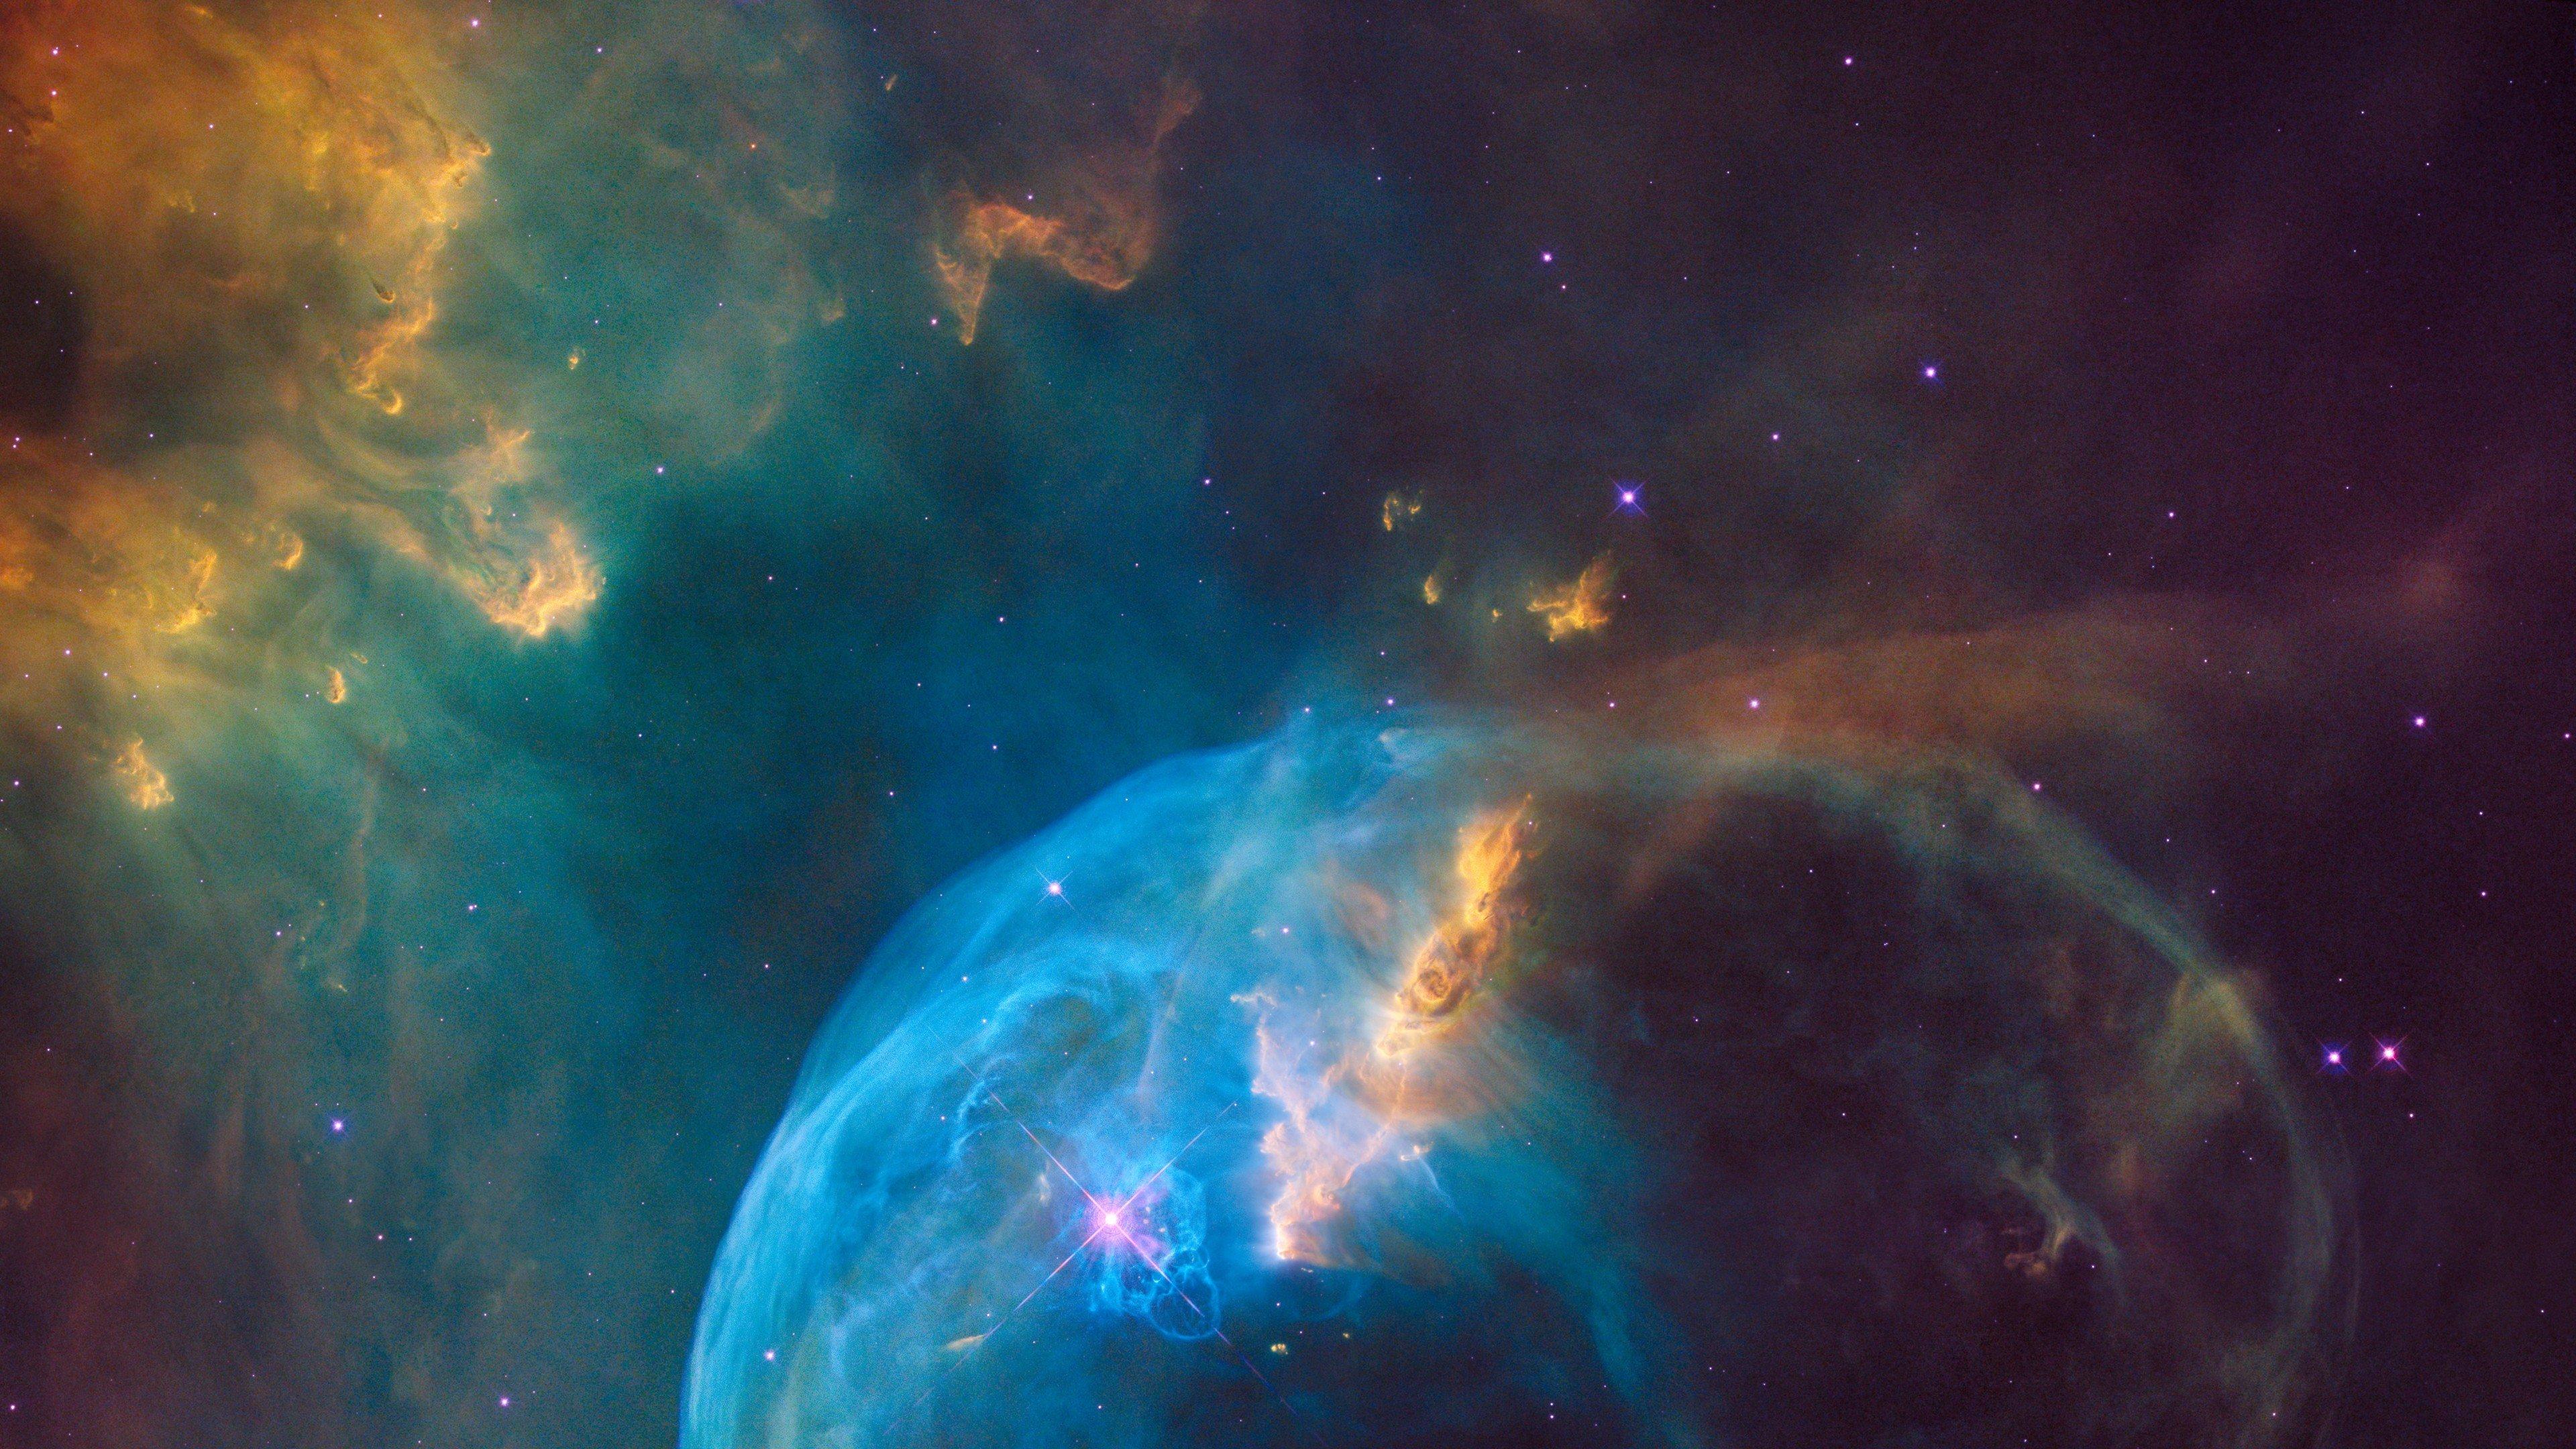 NASA, Space, Hubble Deep Field, NGC 7635: The Bubble ...